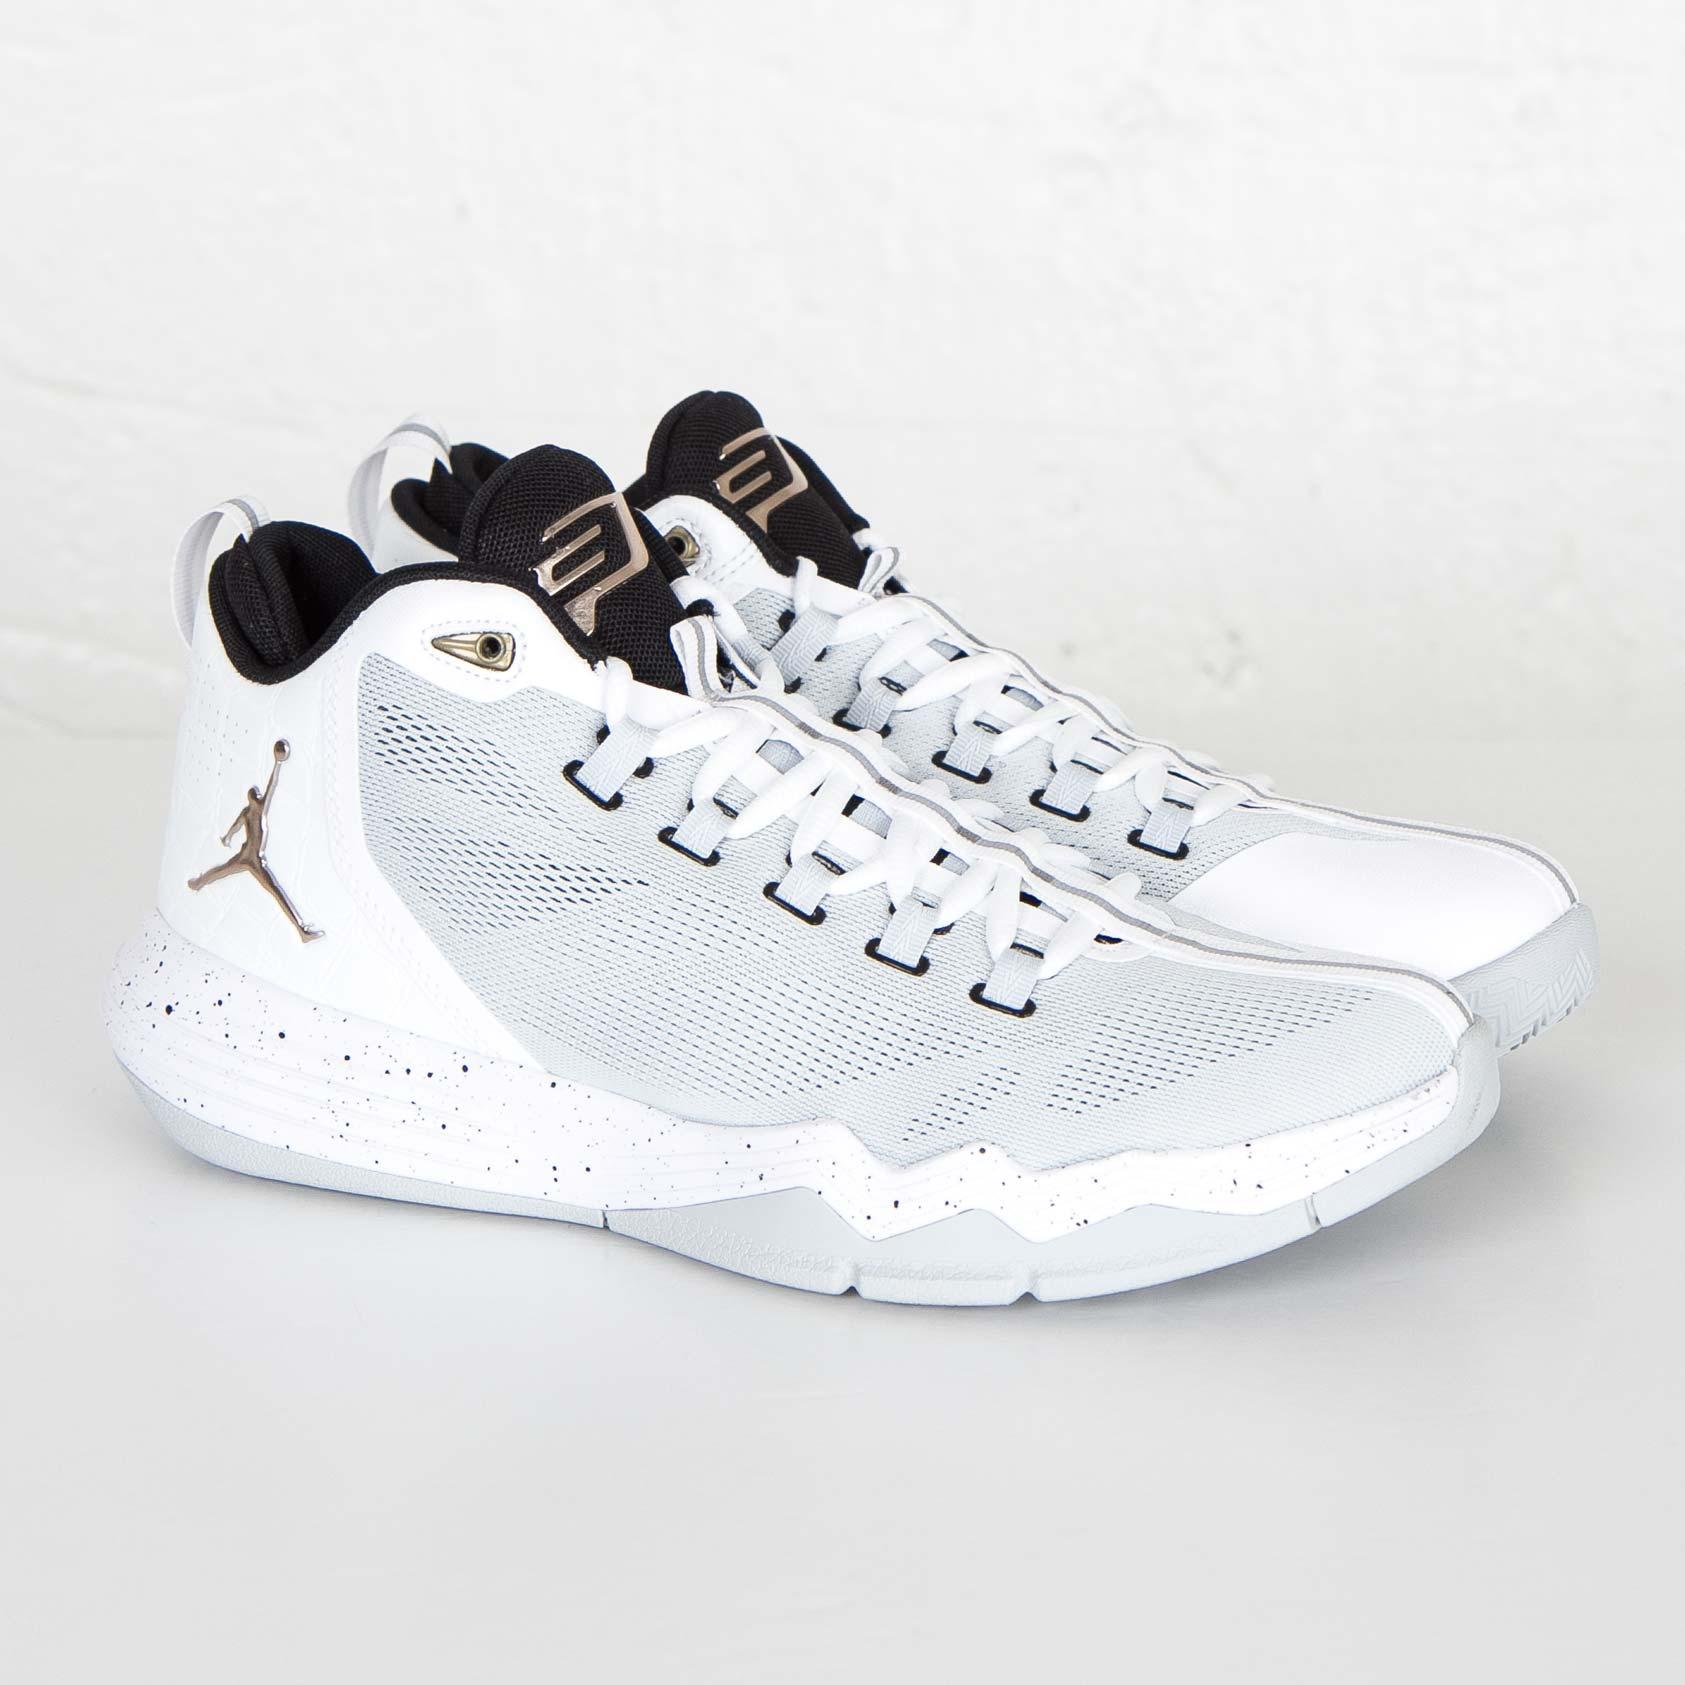 wholesale dealer cd5f4 2f85b Jordan Brand Jordan CP3.IX AE